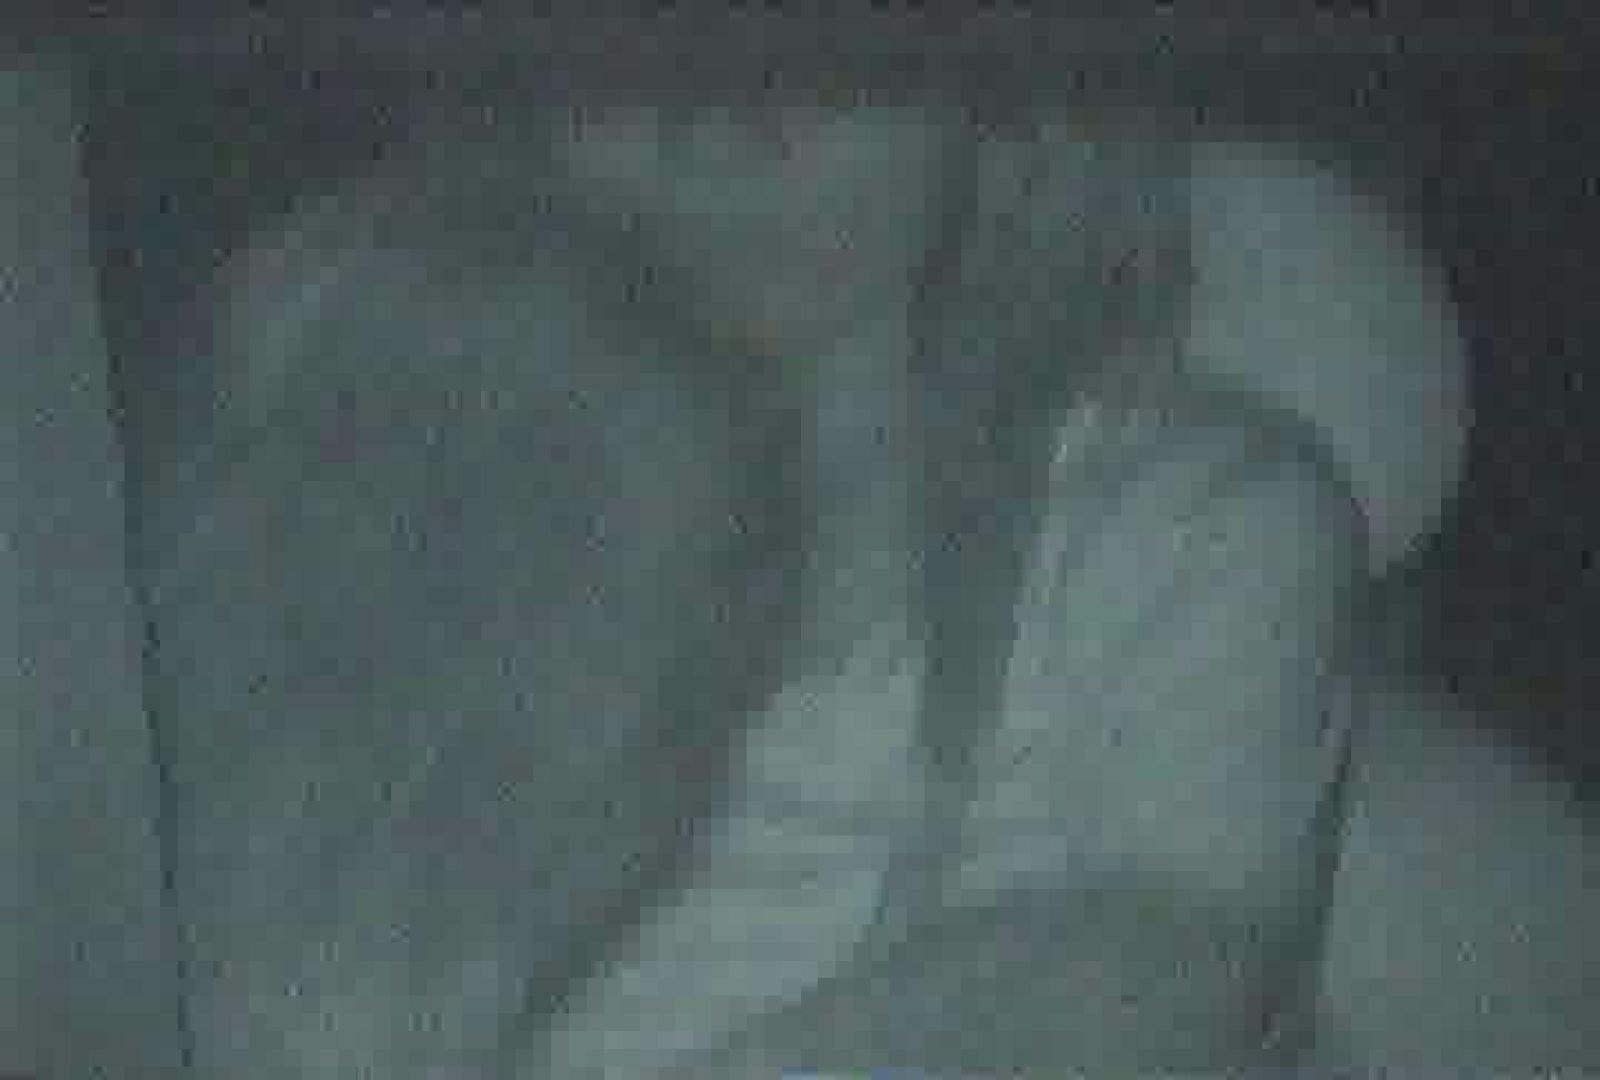 充血監督の深夜の運動会Vol.84 OLエロ画像  30PICs 6